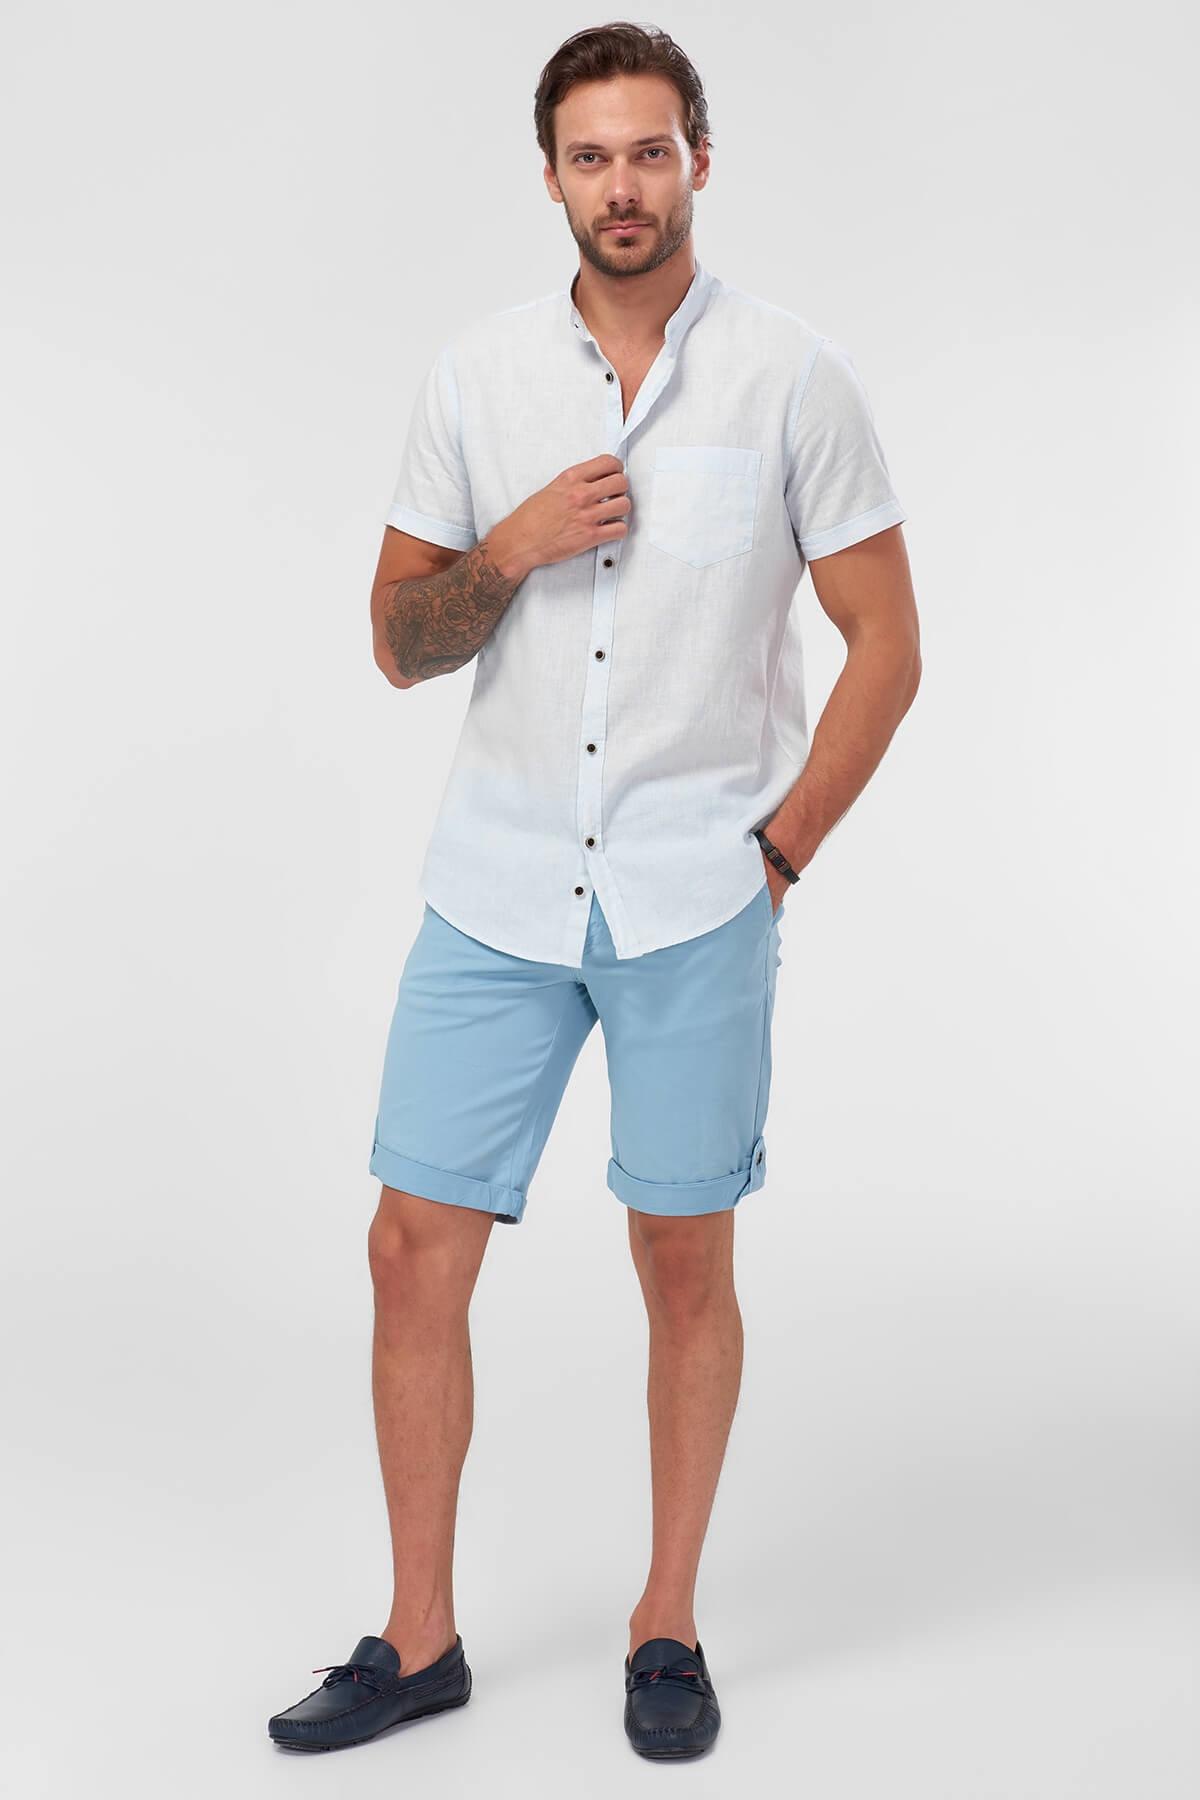 Inteligente Trendyol Blu Degli Uomini Di Shorts-leg Curl Up Smart-casual Promuovi La Produzione Di Fluidi Corporei E Saliva